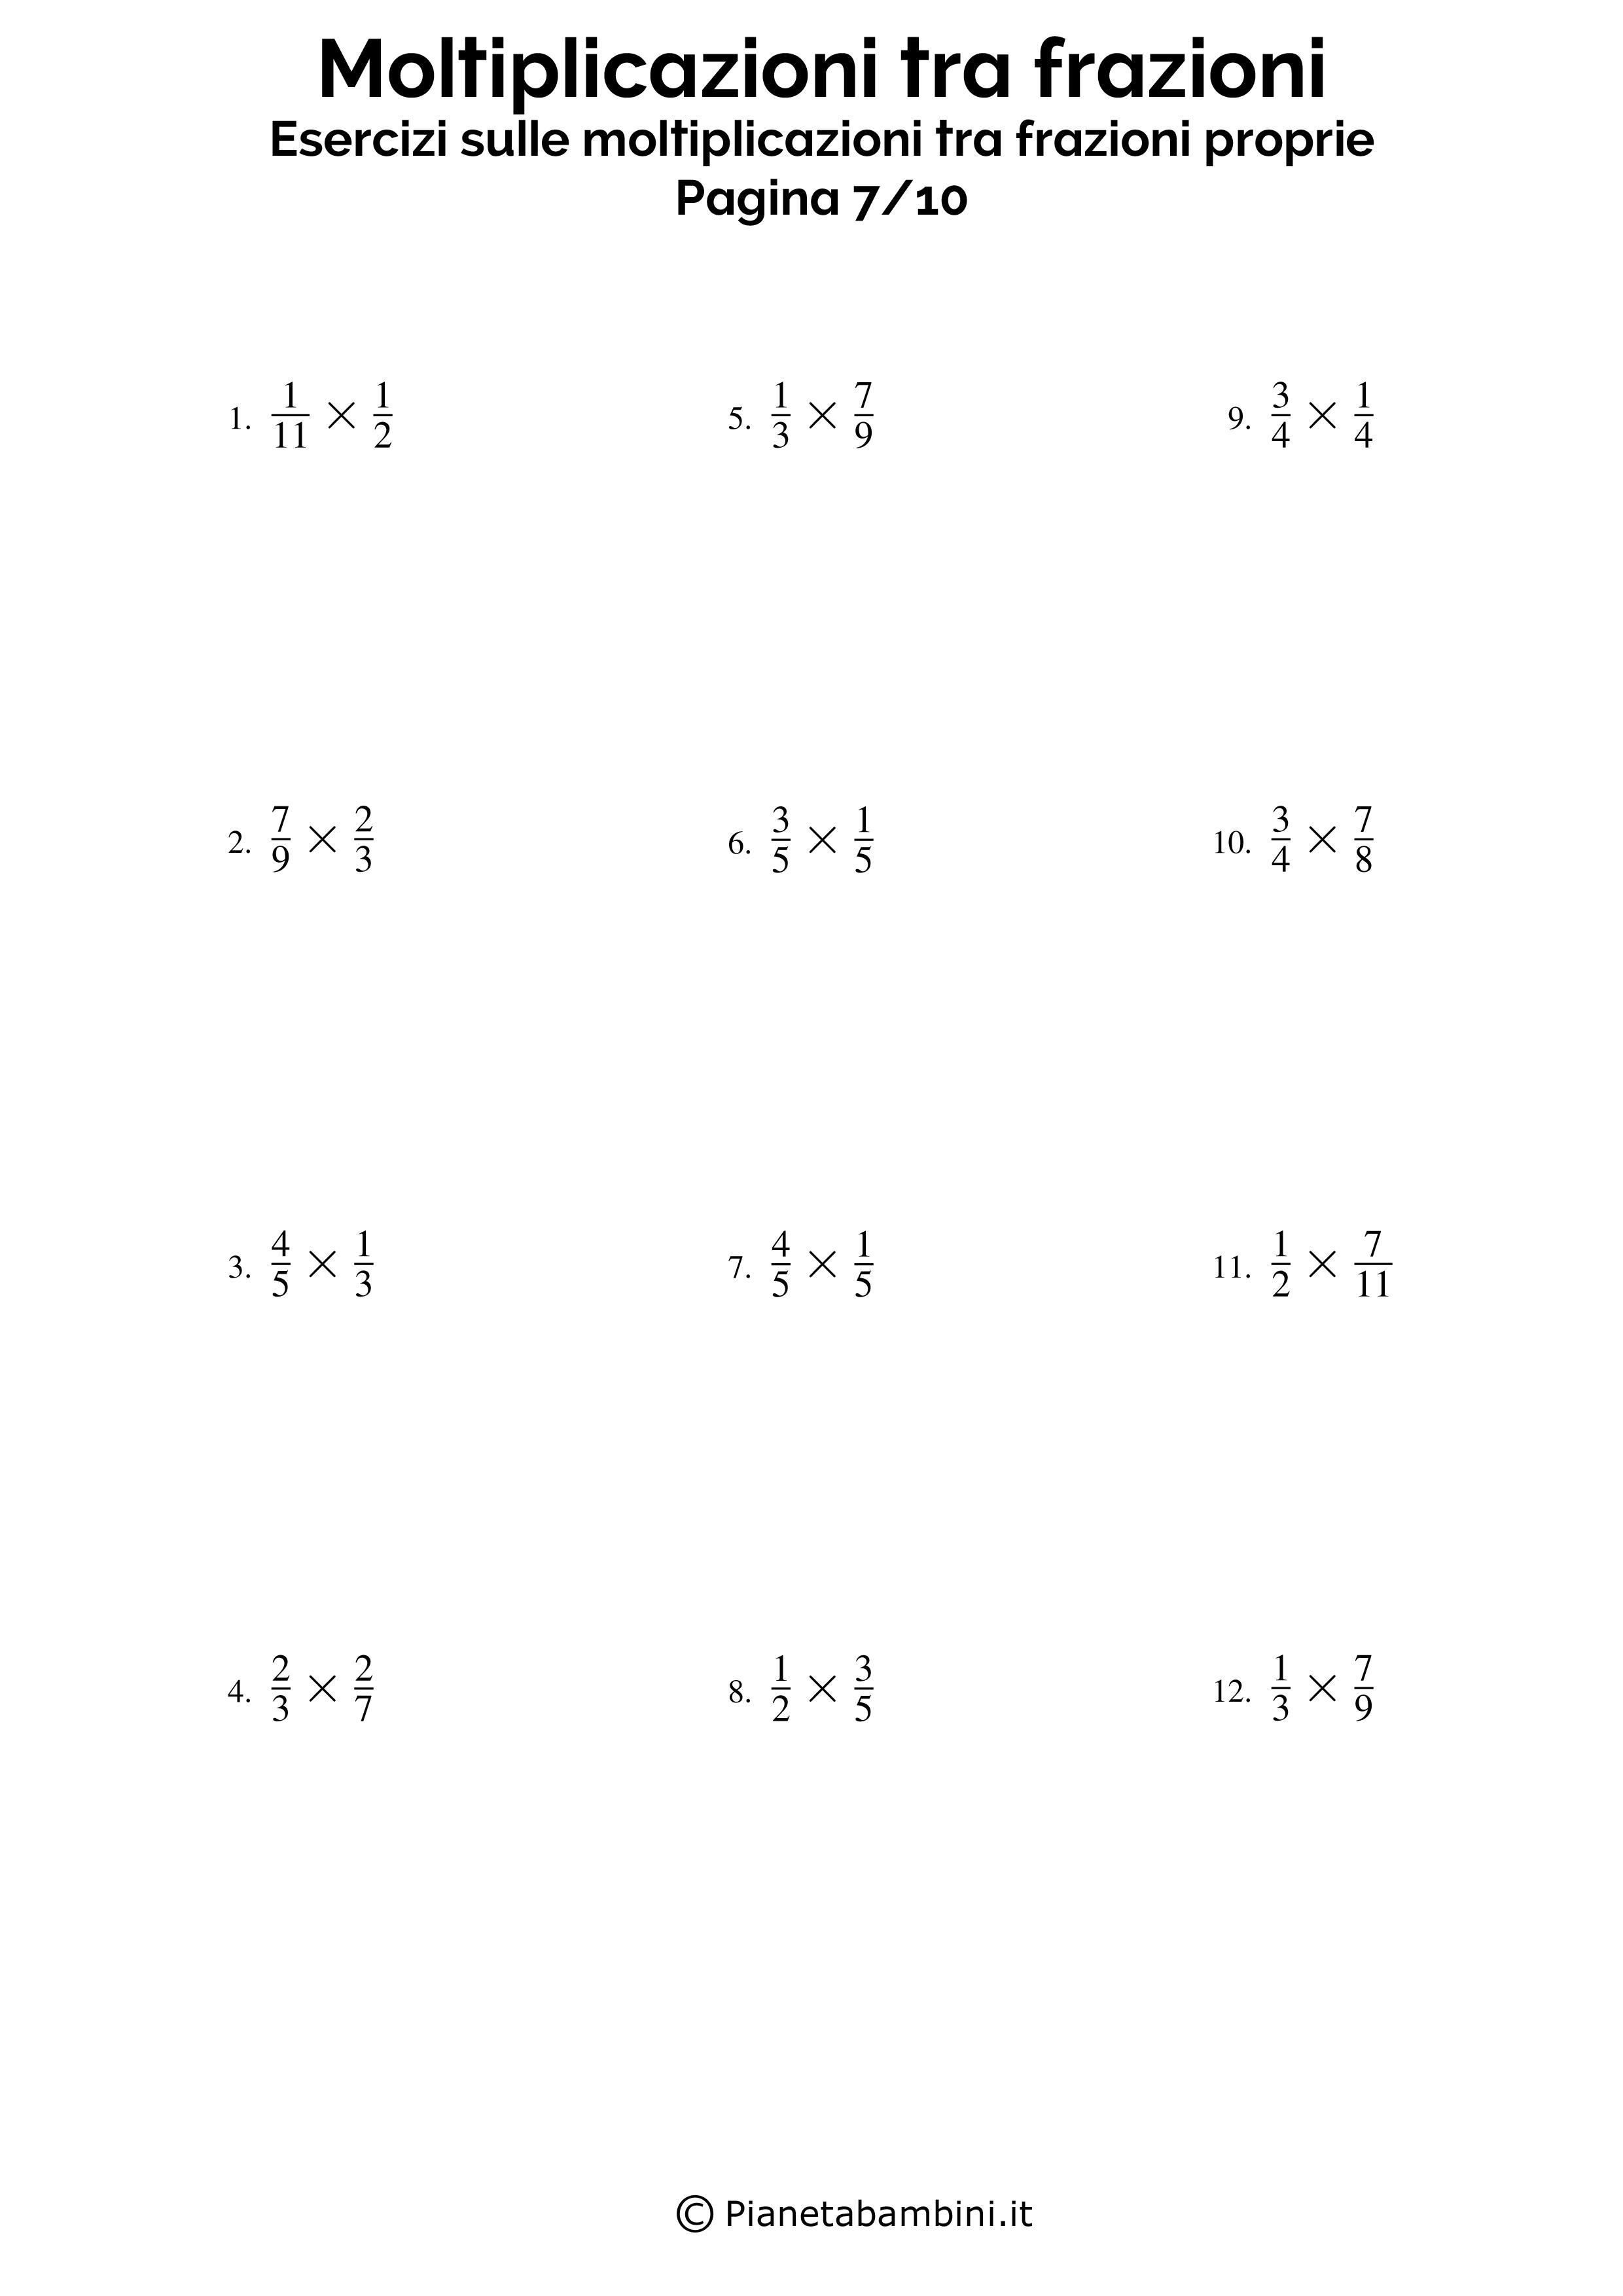 Moltiplicazioni-Frazioni-Proprie_07